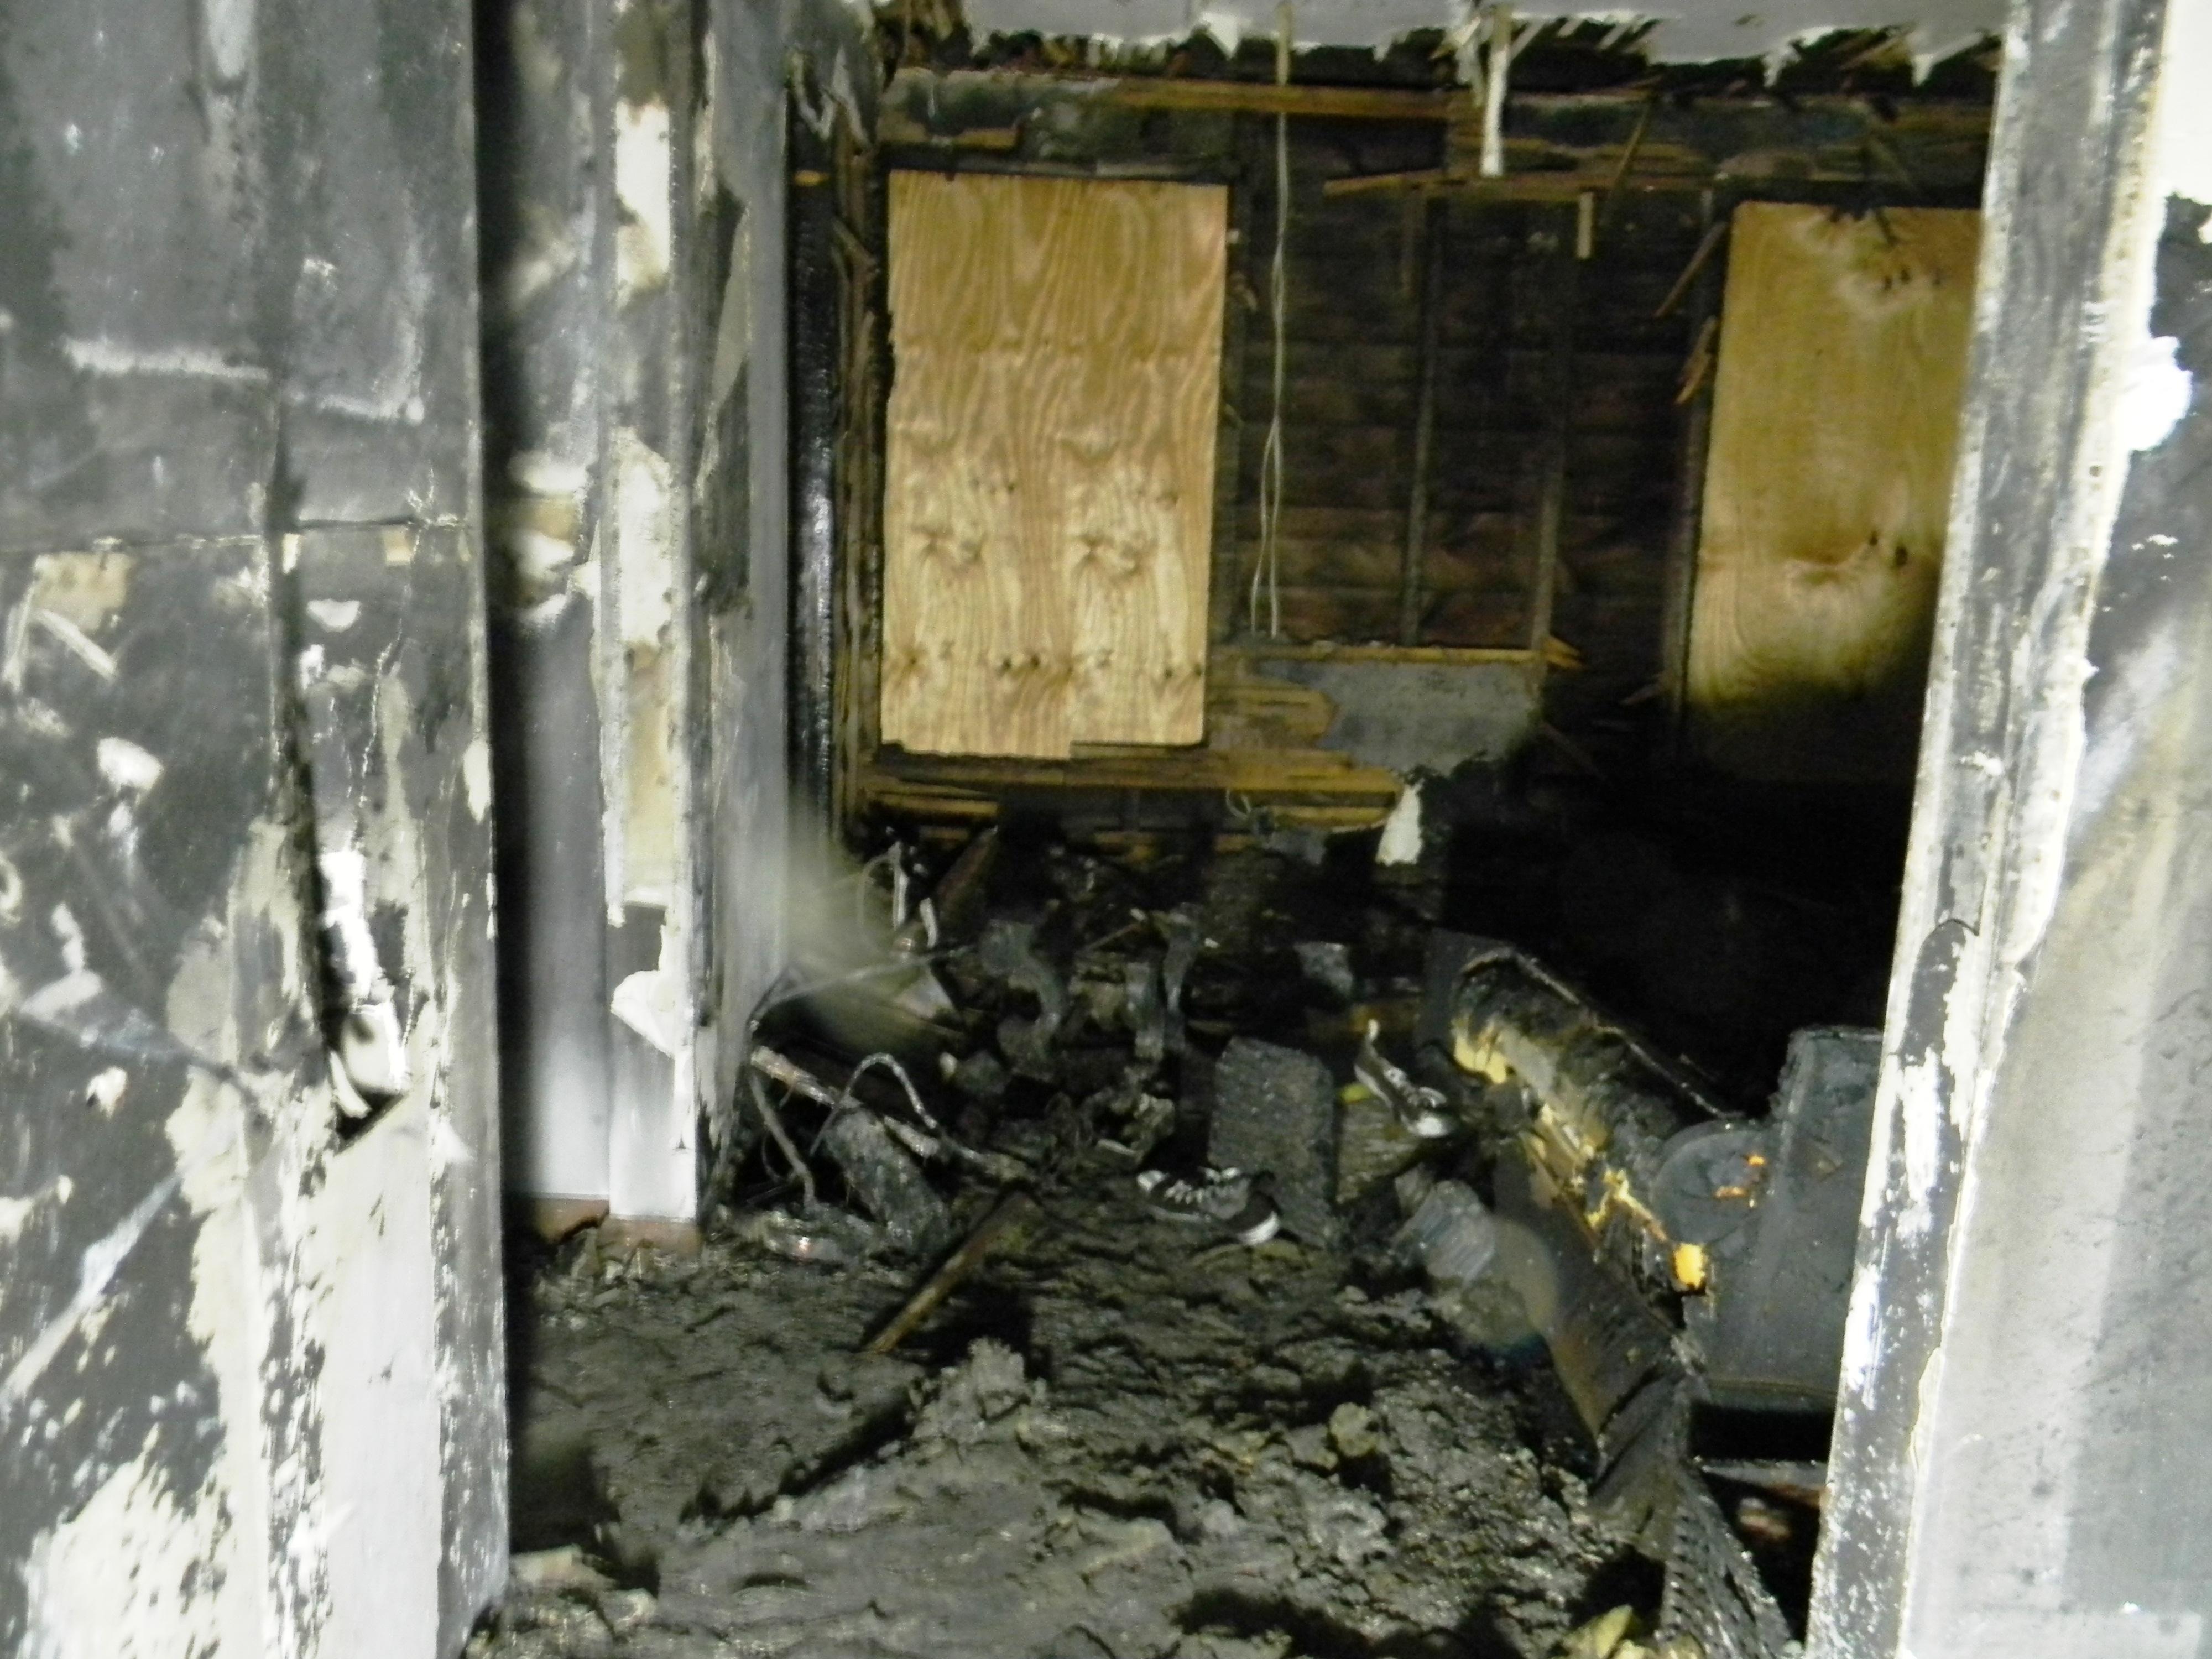 902d2dbfc2dda817da41_Fire_Damage.JPG